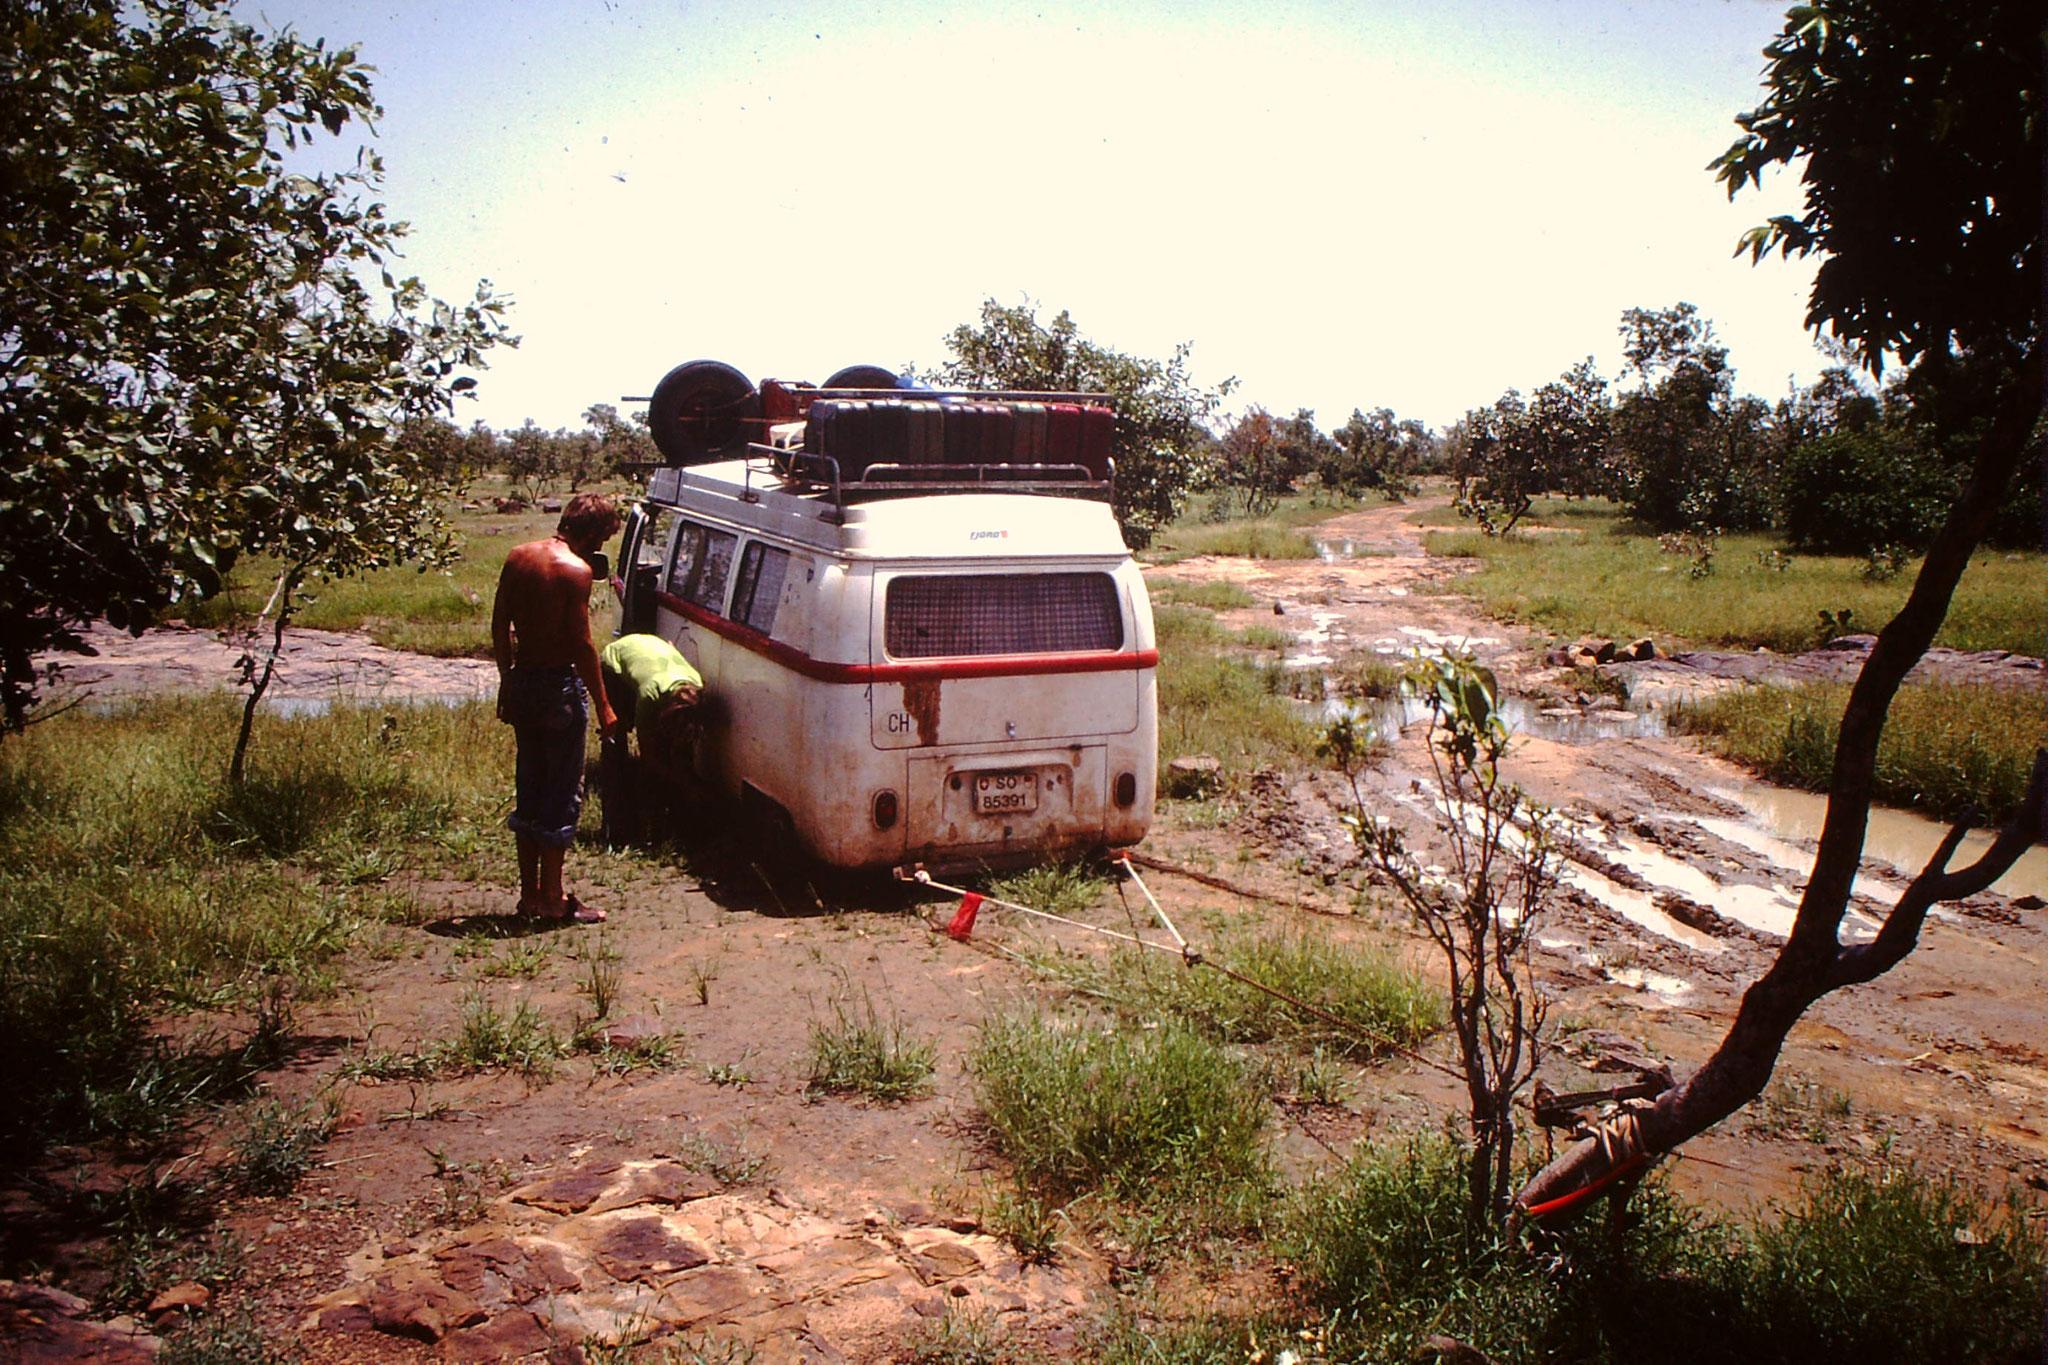 Hier war endgütig Schluss mit lustig. Mittels Seilwinde wollten wir das Auto aus dem Schlamm ziehen. Der Baum kam immer näher zum Auto. Nicht aber das Auto zum Baum.